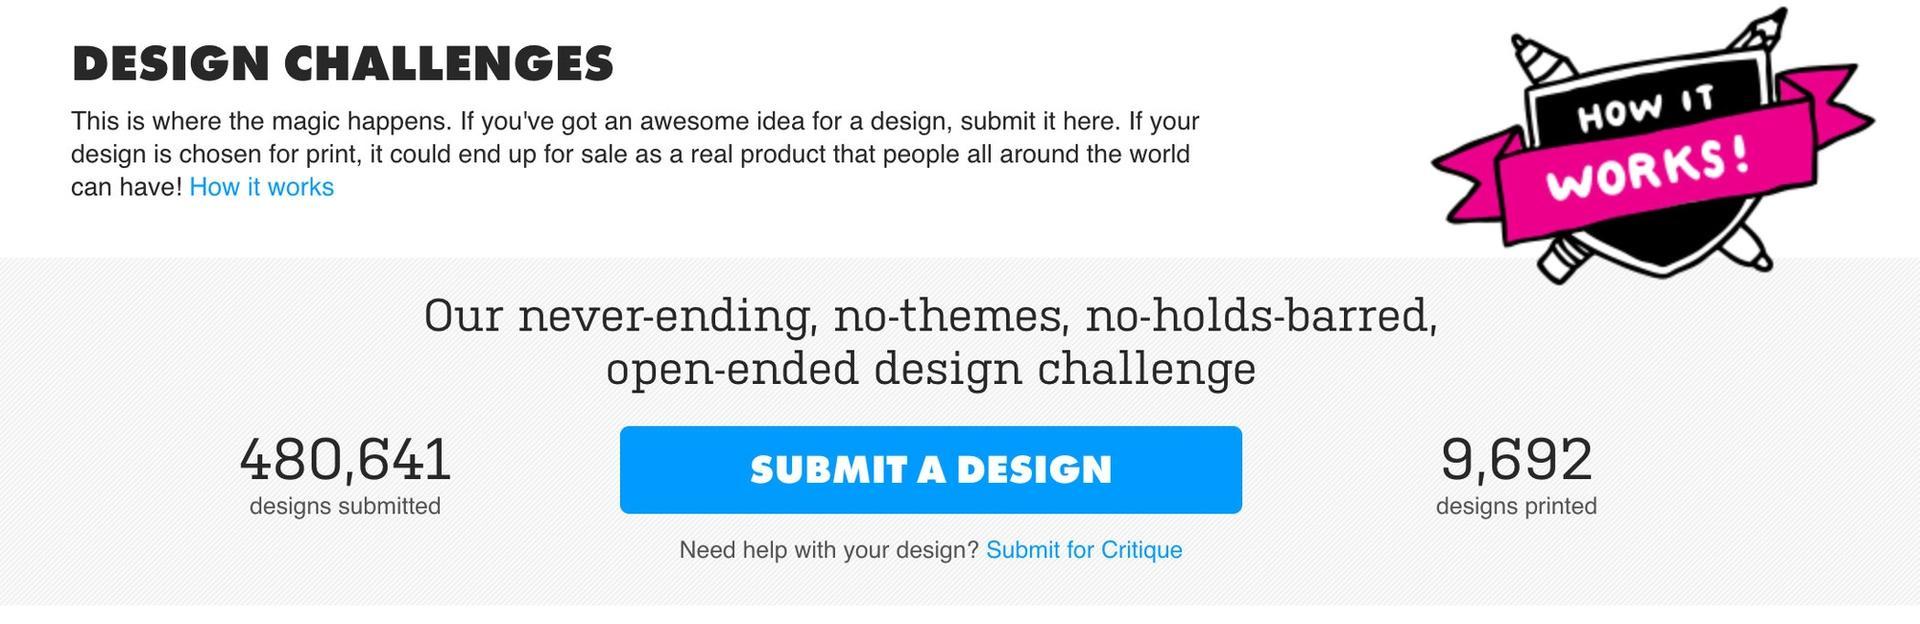 Threadless Design Challenge